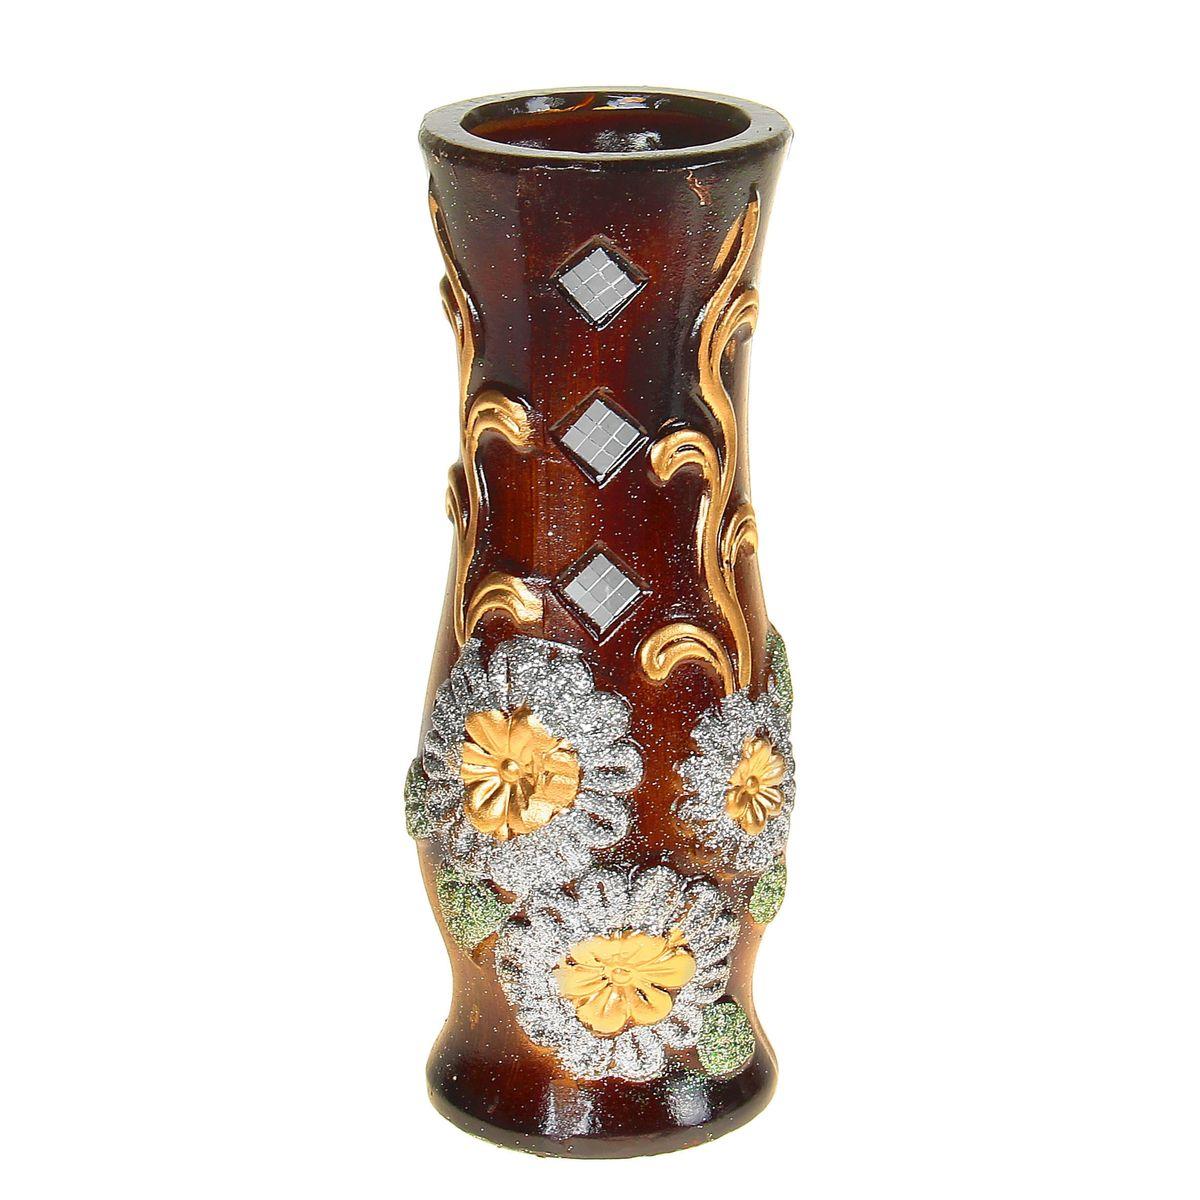 Ваза керамика 30 см цветочки ромбы (3 вида) 1044979FS-91909Керамика